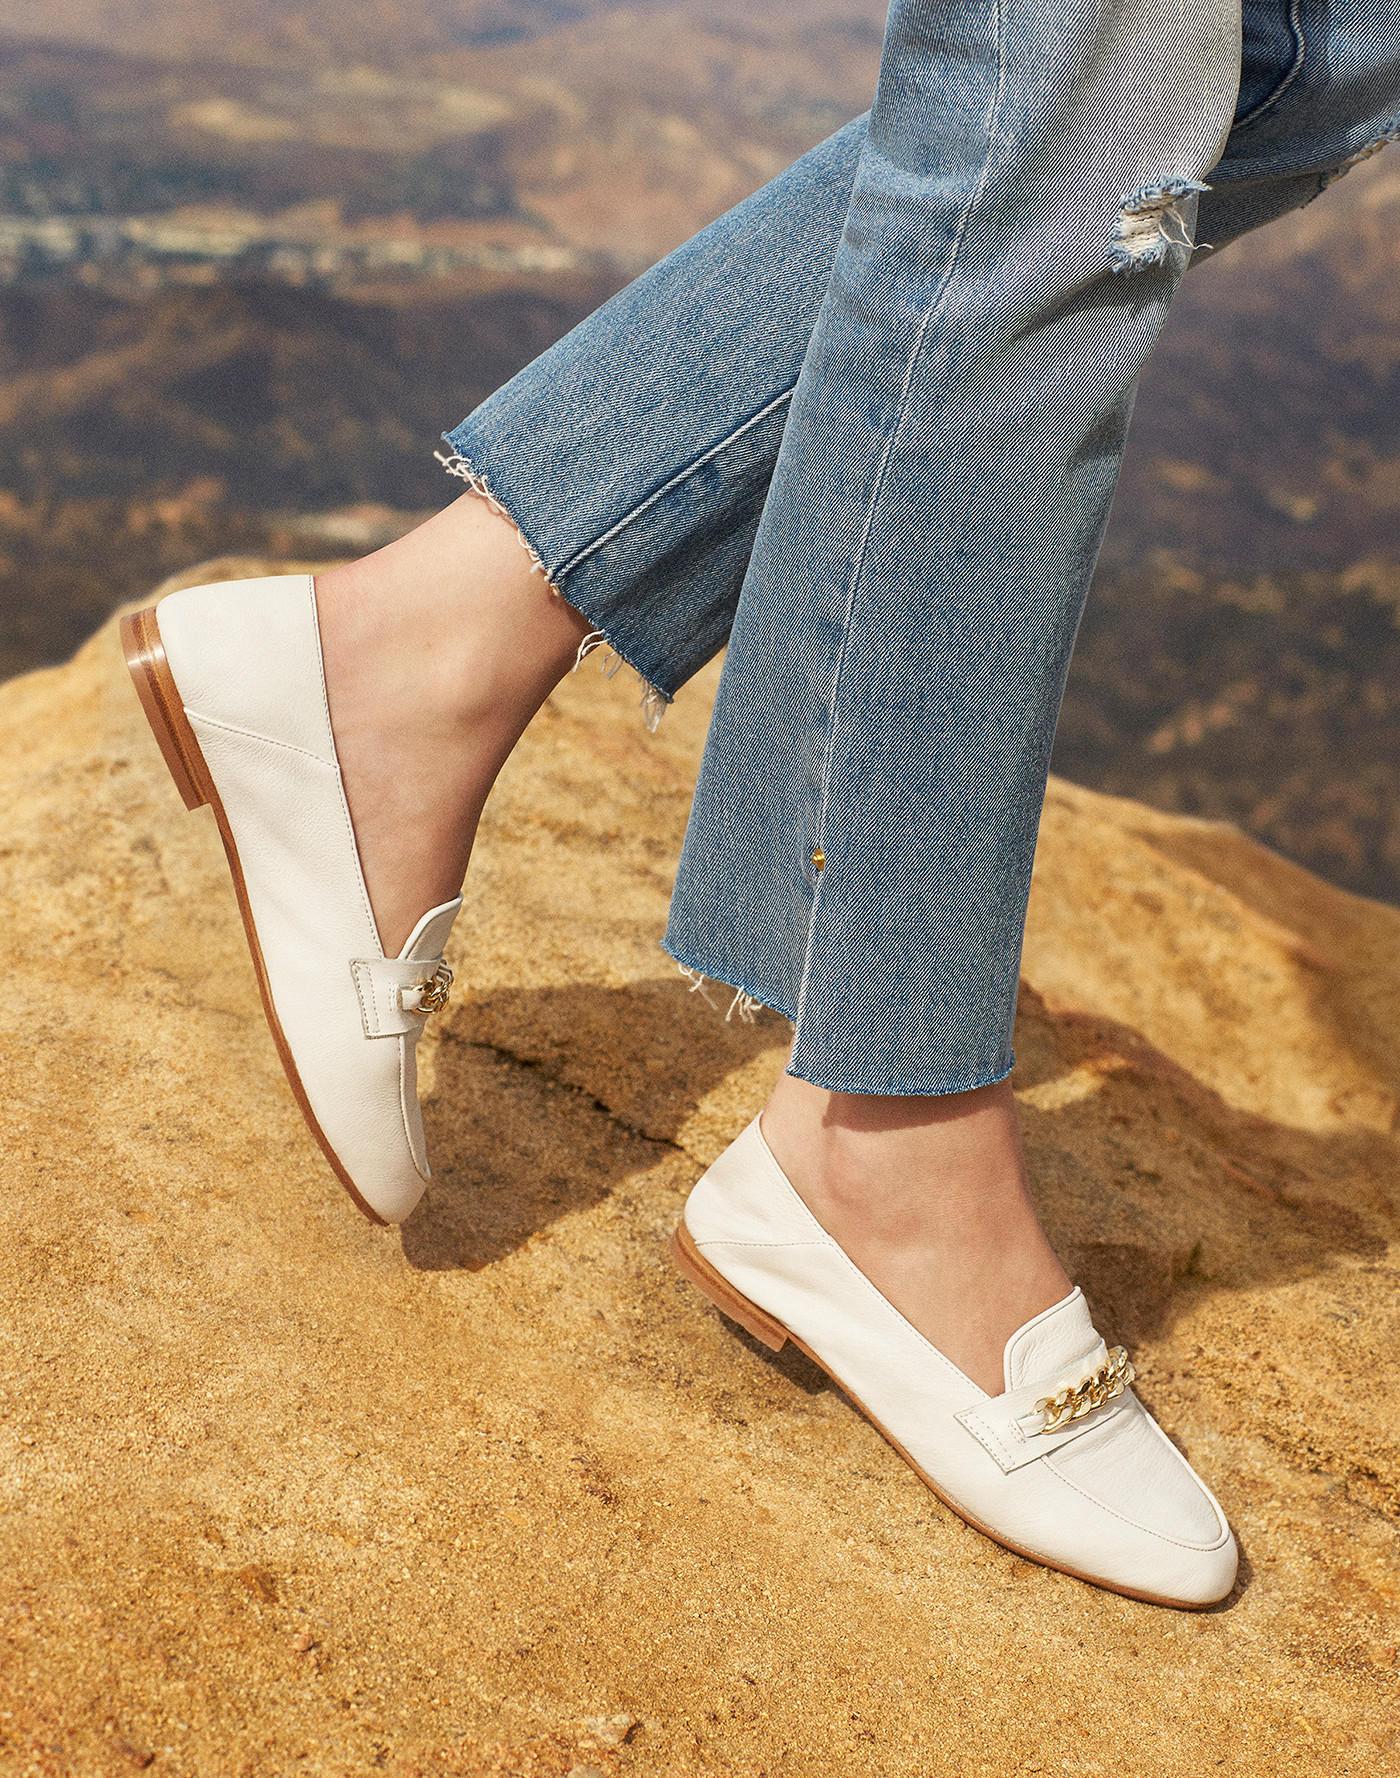 aldo shoes mexico zapatos menu covers